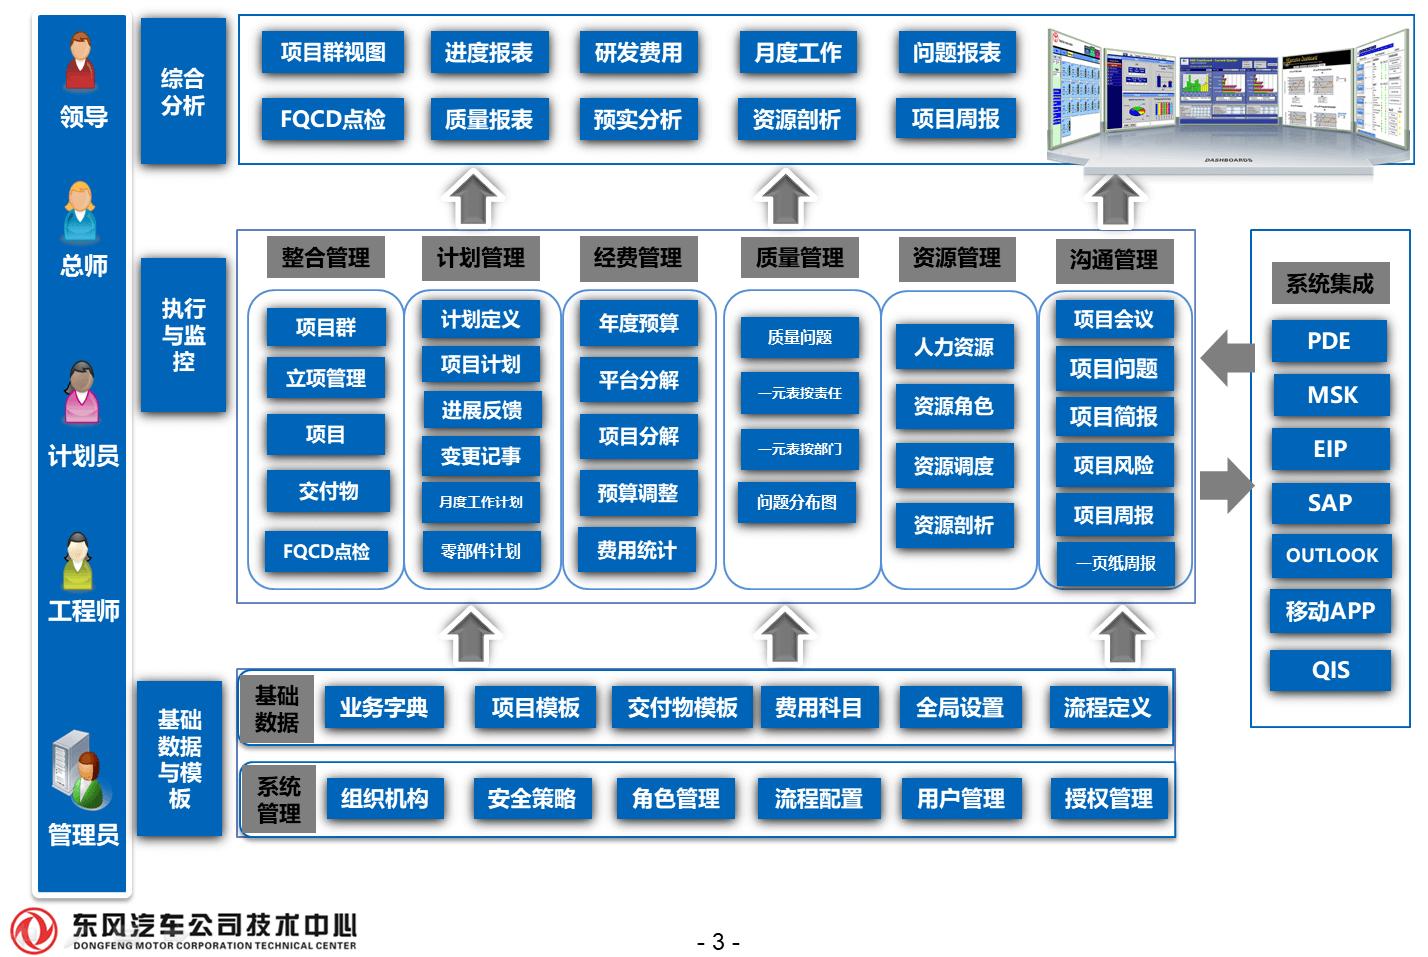 【贺】东风汽车公司技术中心PAM万博手机版官网顺利通过上线评审